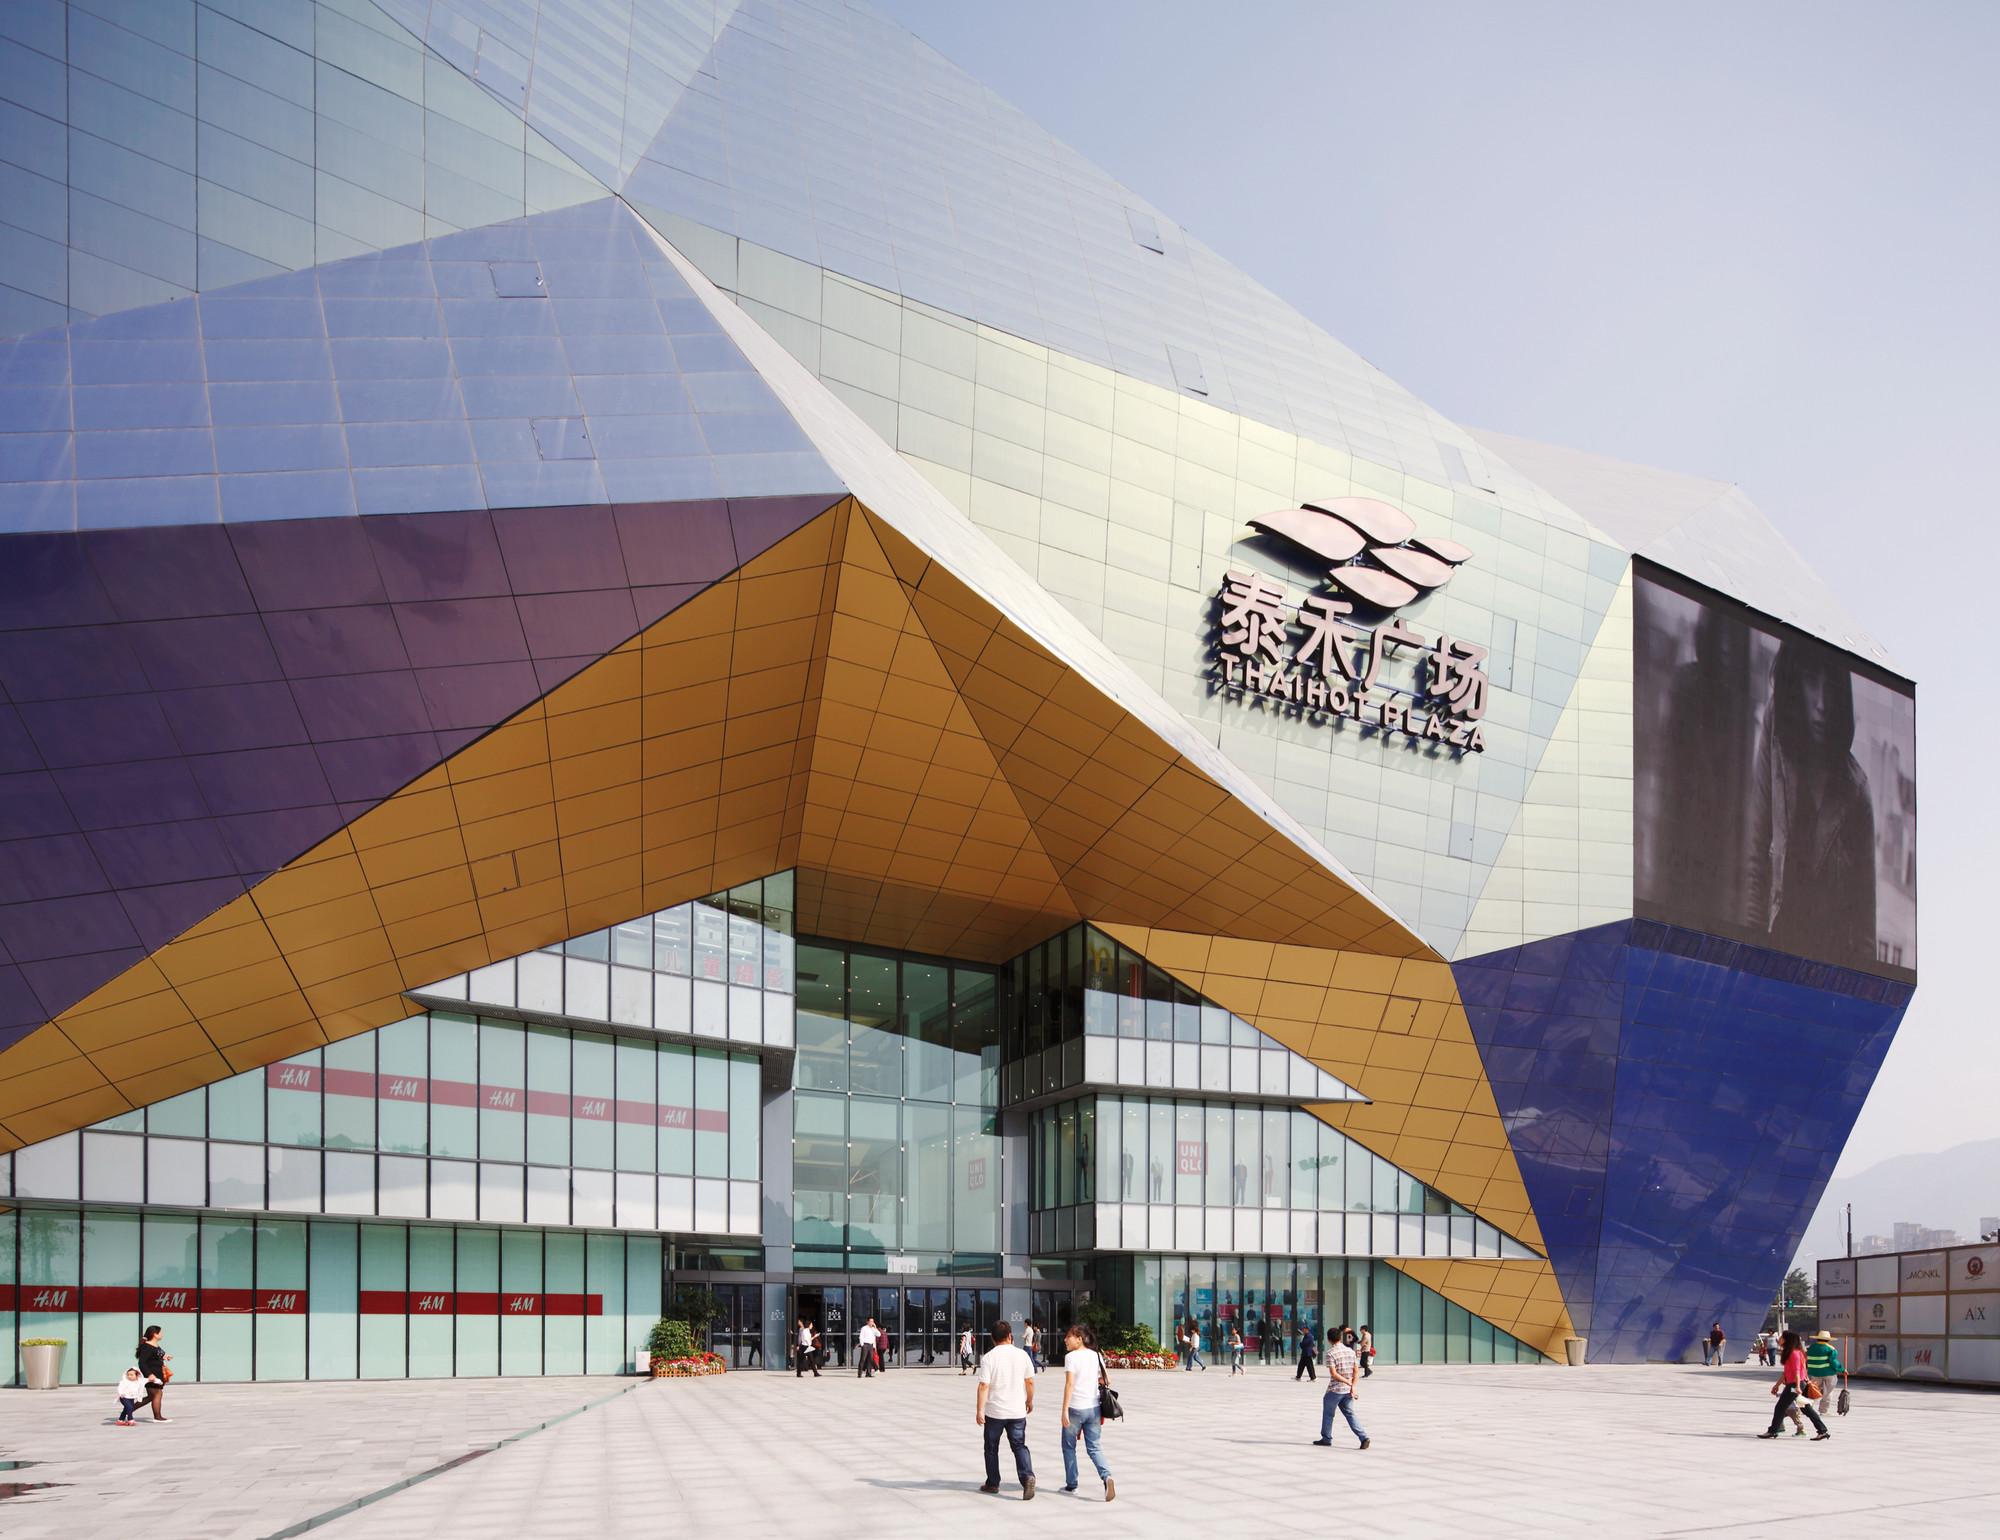 Fuzhou Wusibei Thaihot Plaza / Spark Architects, © Shu He